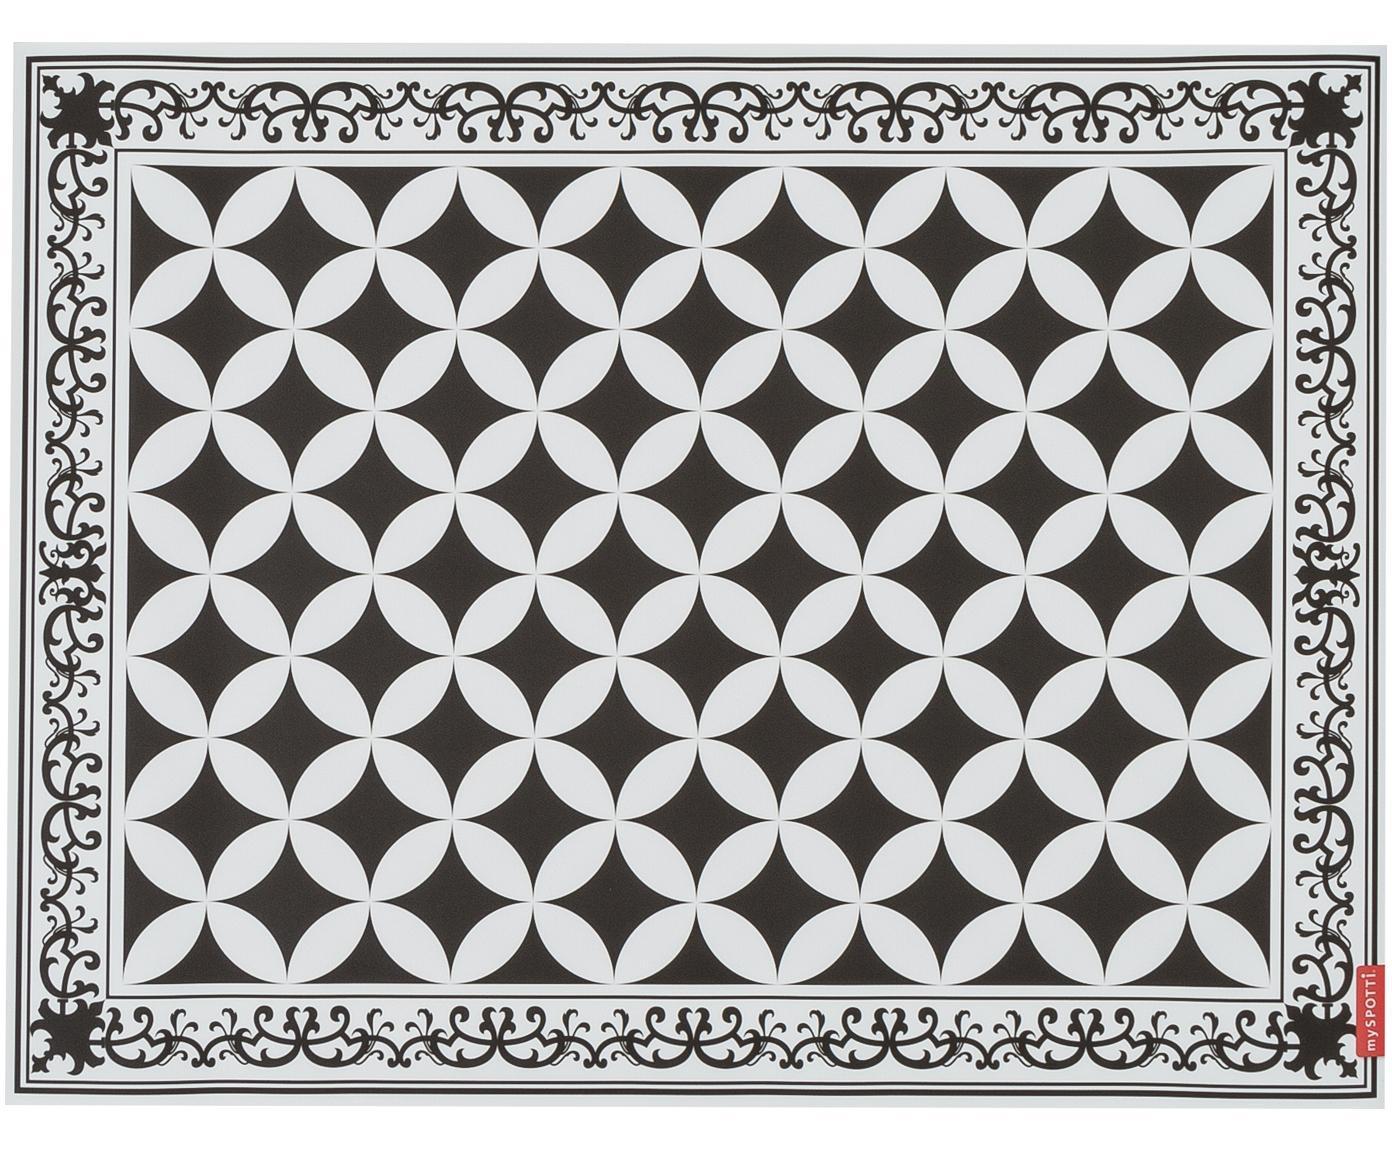 Alfombra vinílica Chadi, Vinilo, Negro, blanco, An 65 x L 85 cm